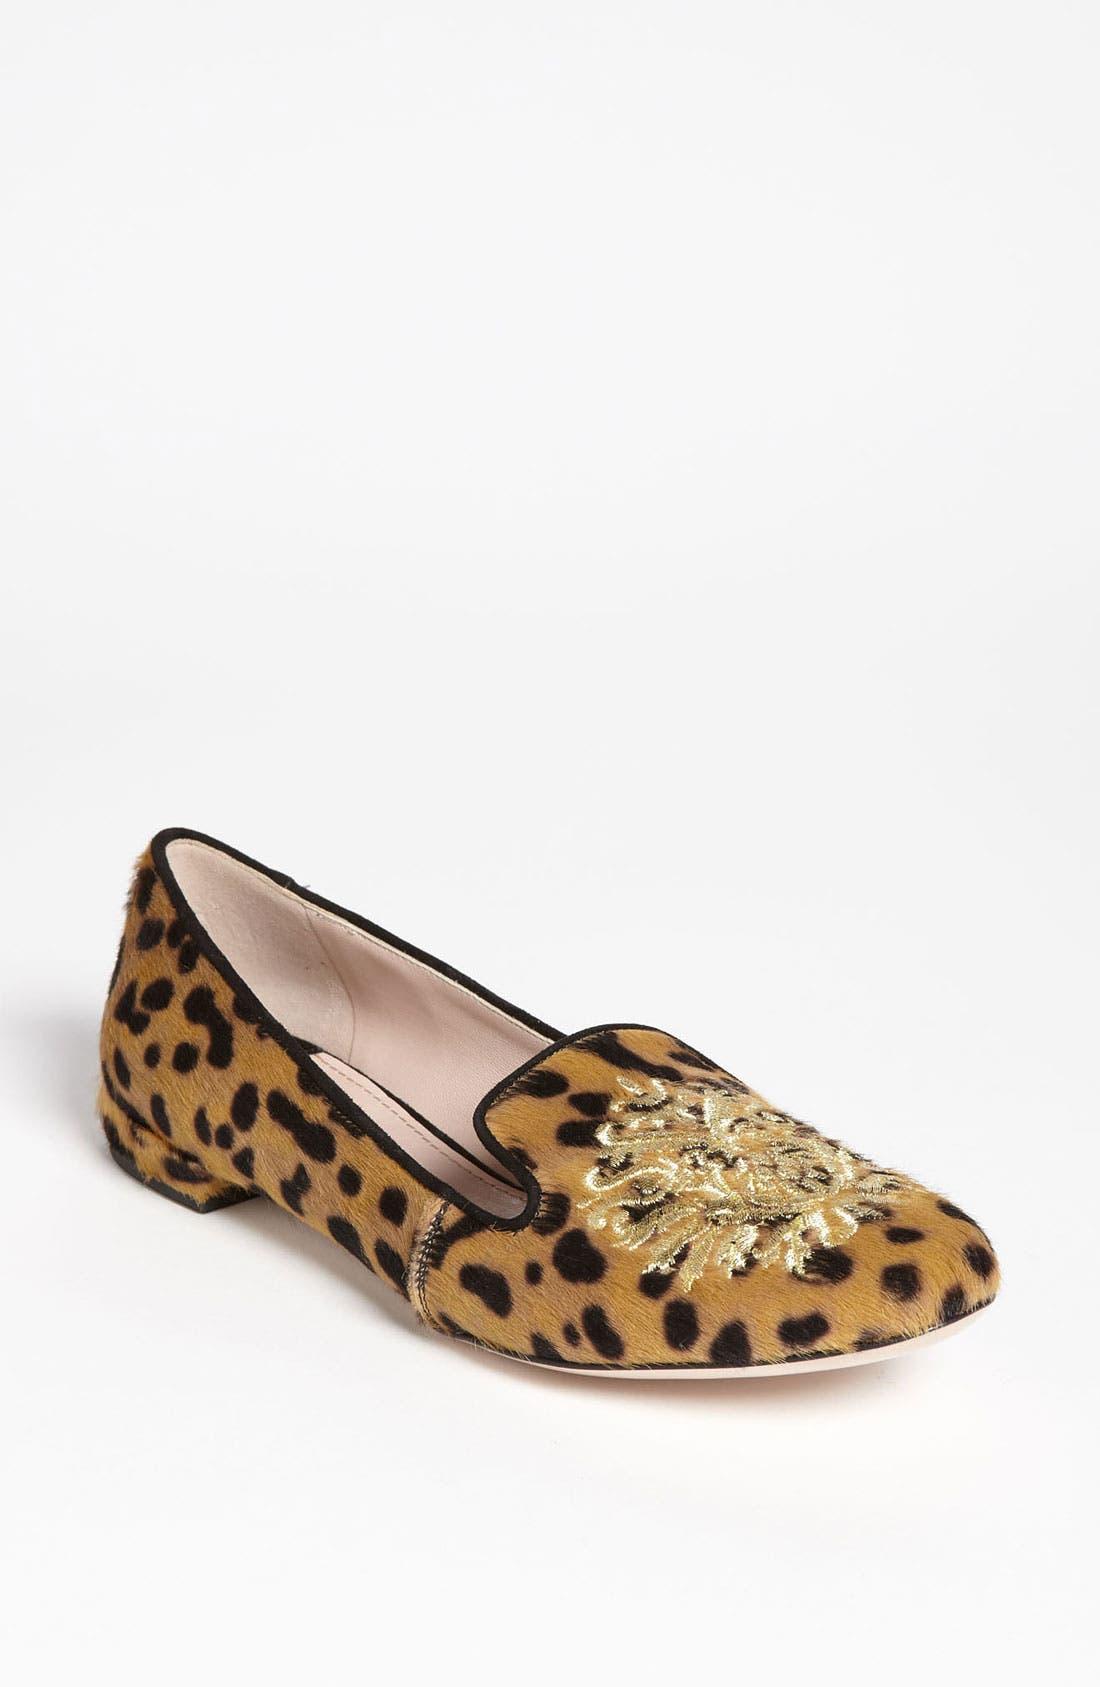 Main Image - Miu Miu Leopard Crest Smoking Flat